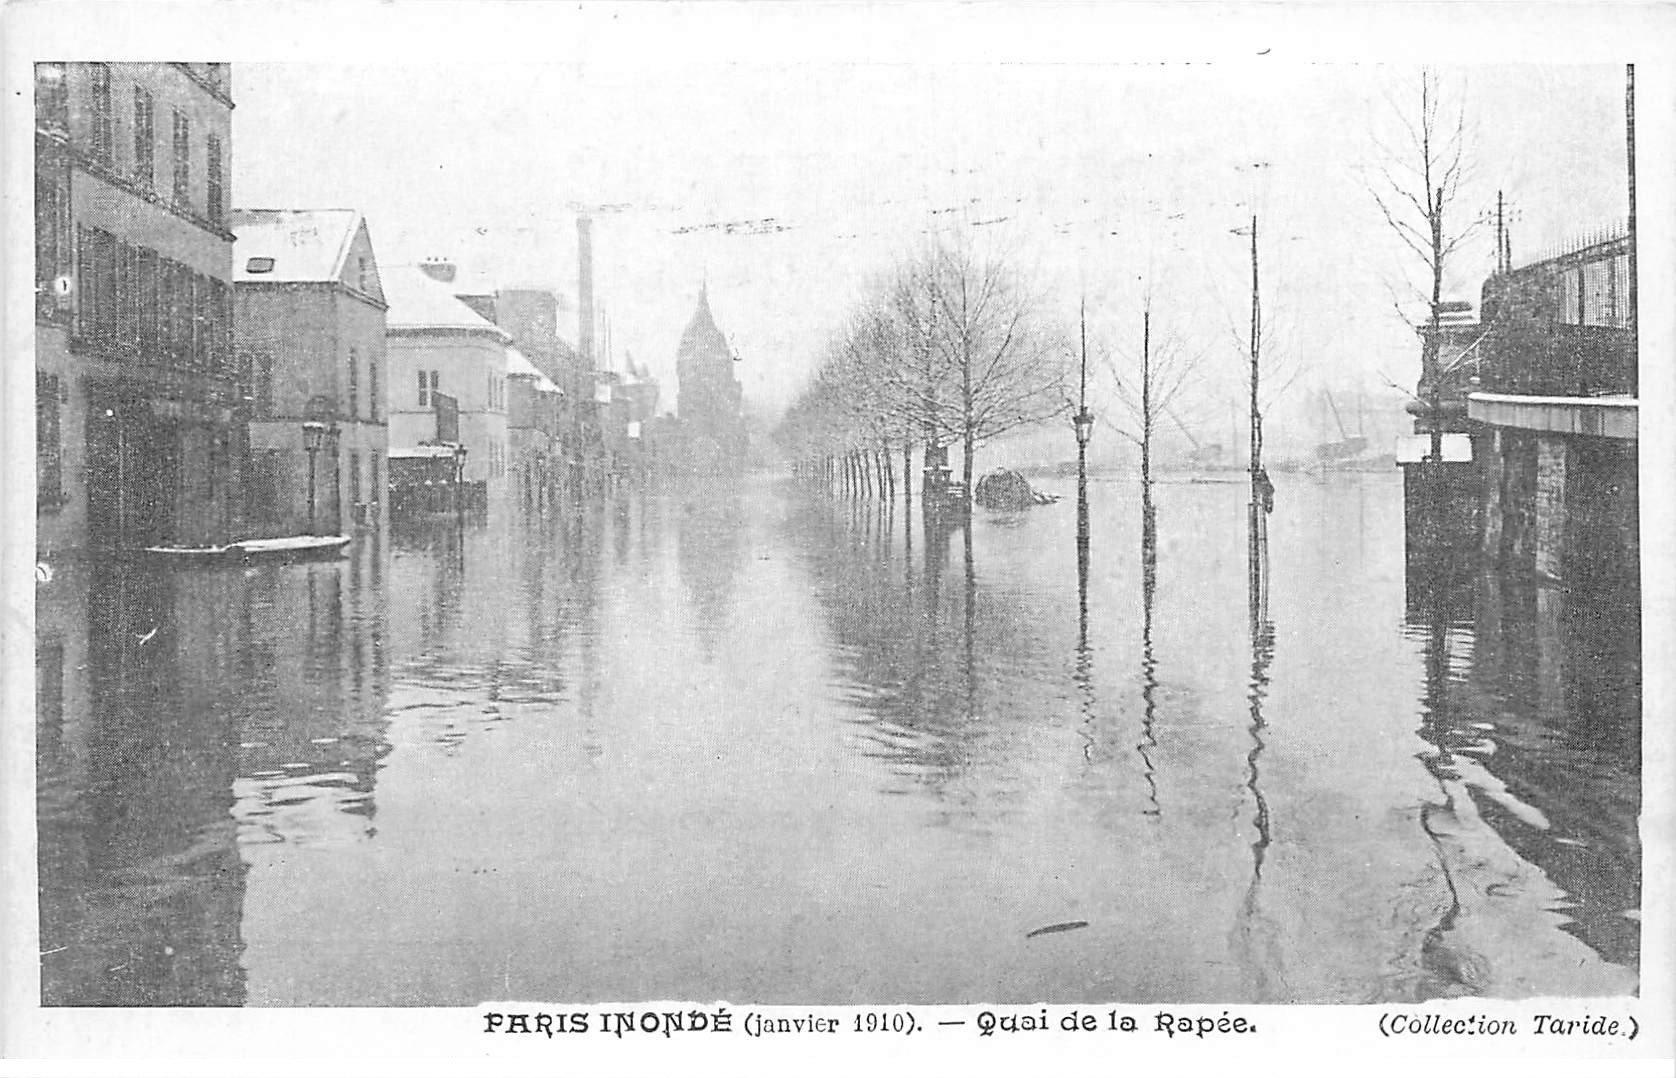 INONDATION DE PARIS 1910. Quai de la Rapée. Collection Taride